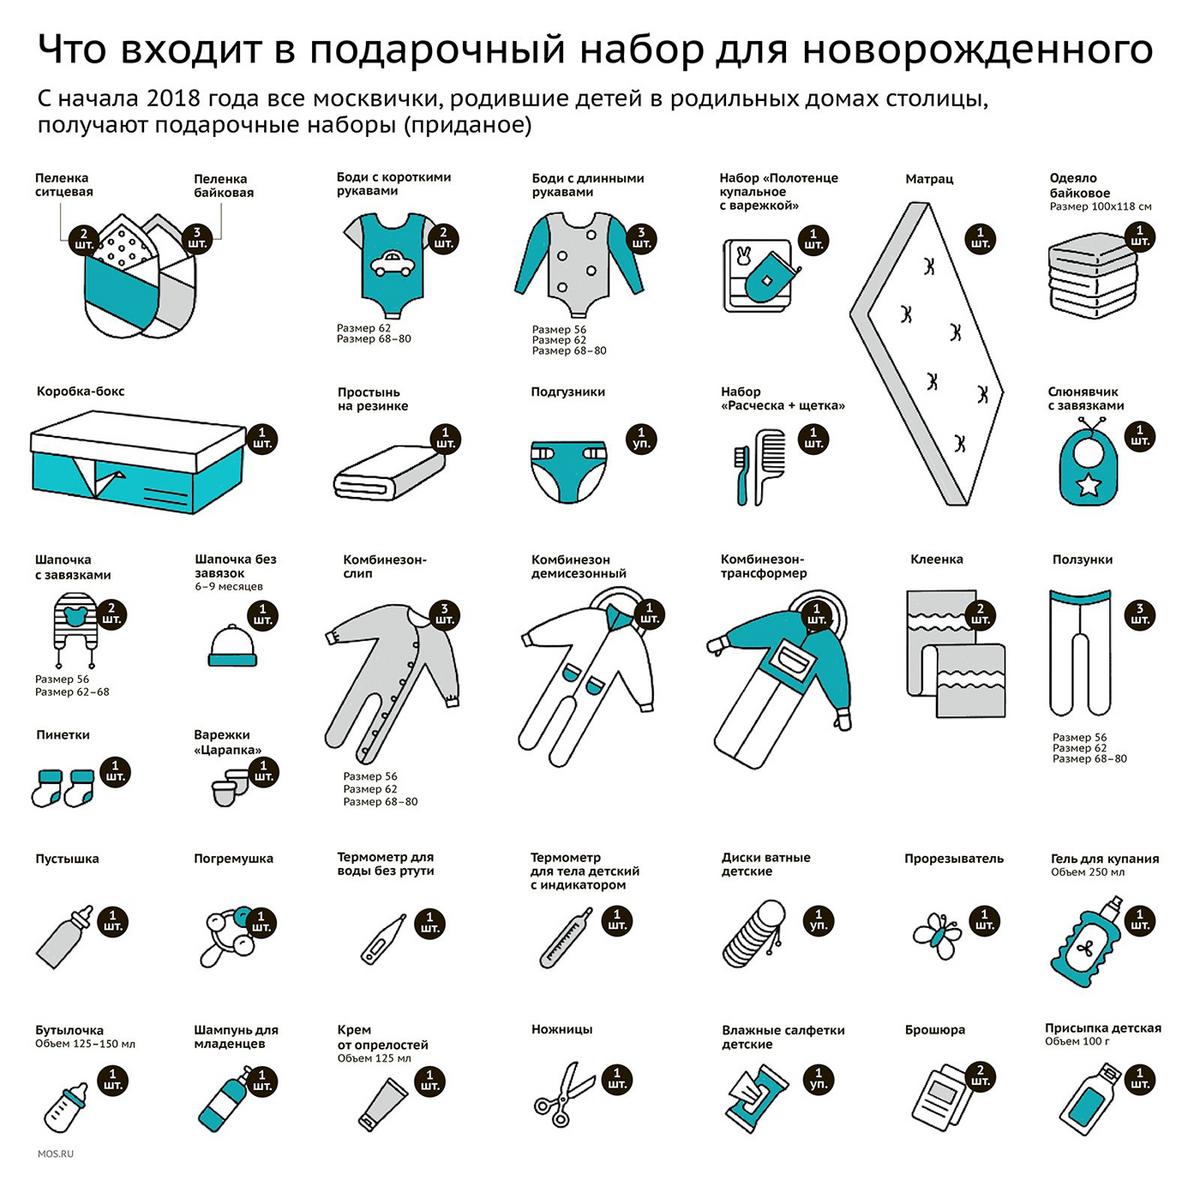 Вот что дарит мэр новорожденным москвичам. На первое время ребенку вообще можно ничего не покупать, кроме подгузников. Инфографика: mos.ru